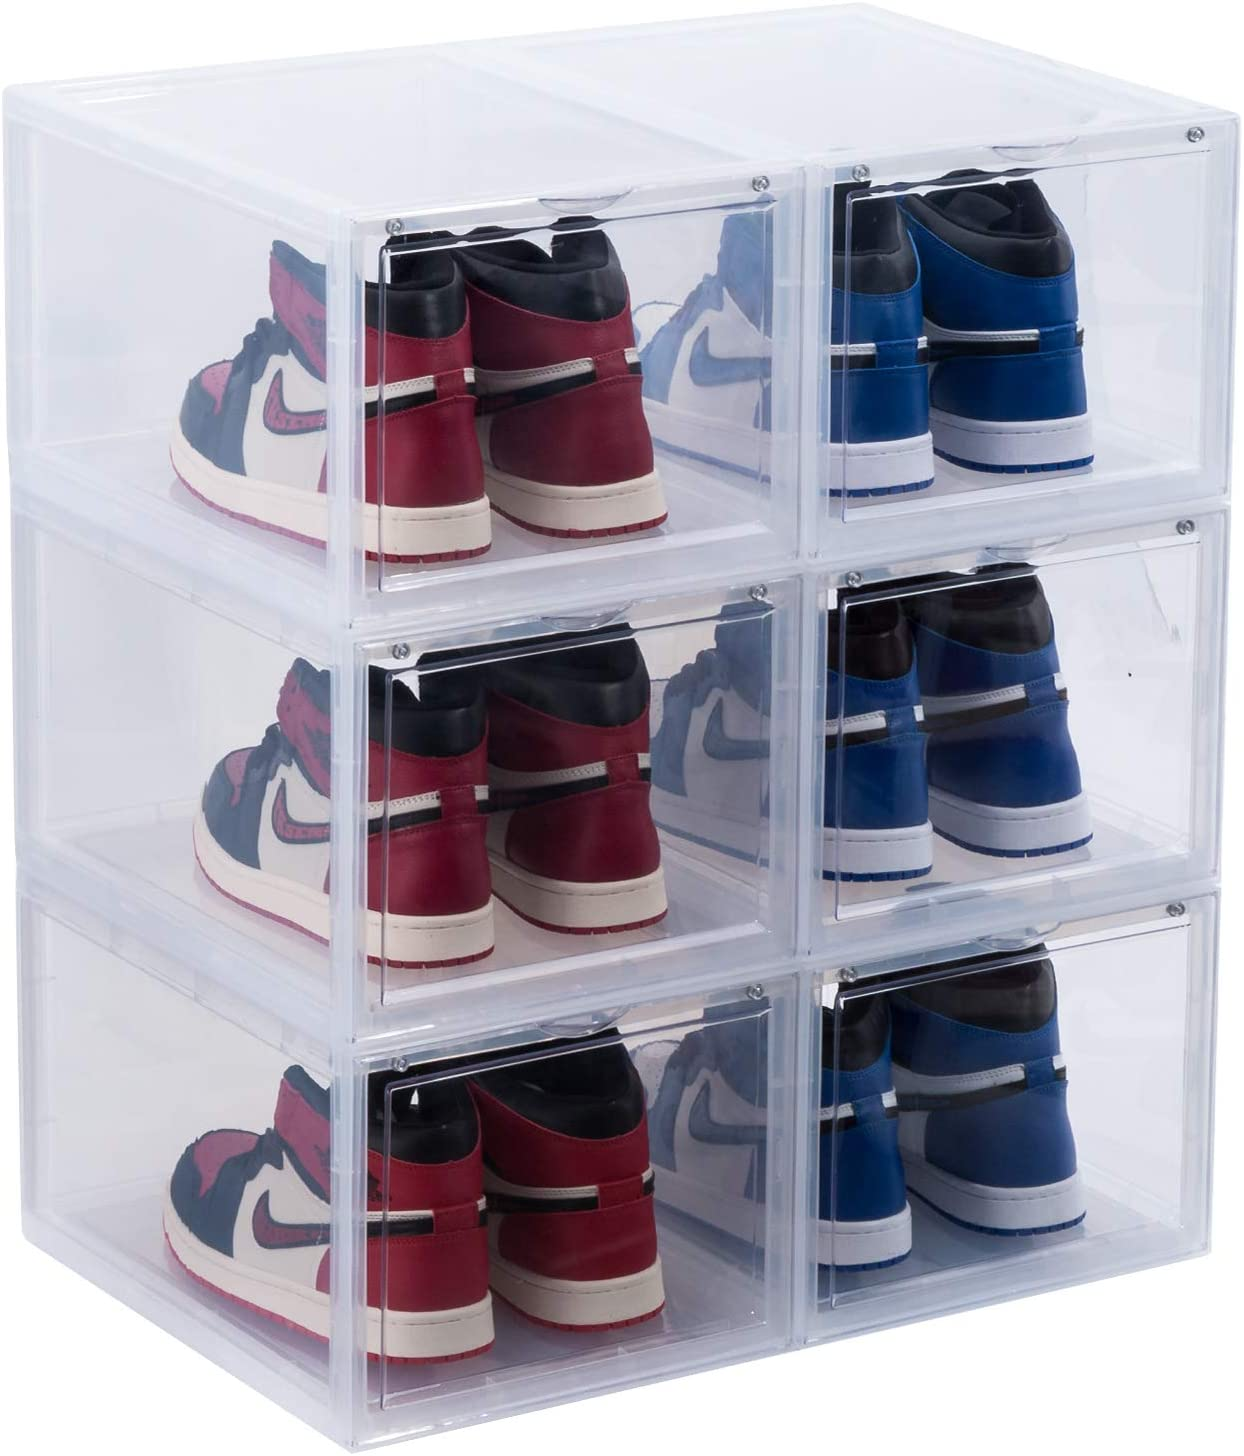 Mokrol Sneaker Shoe Sale price shopping Storage Box Drop DIY Front Foldabl Organizer